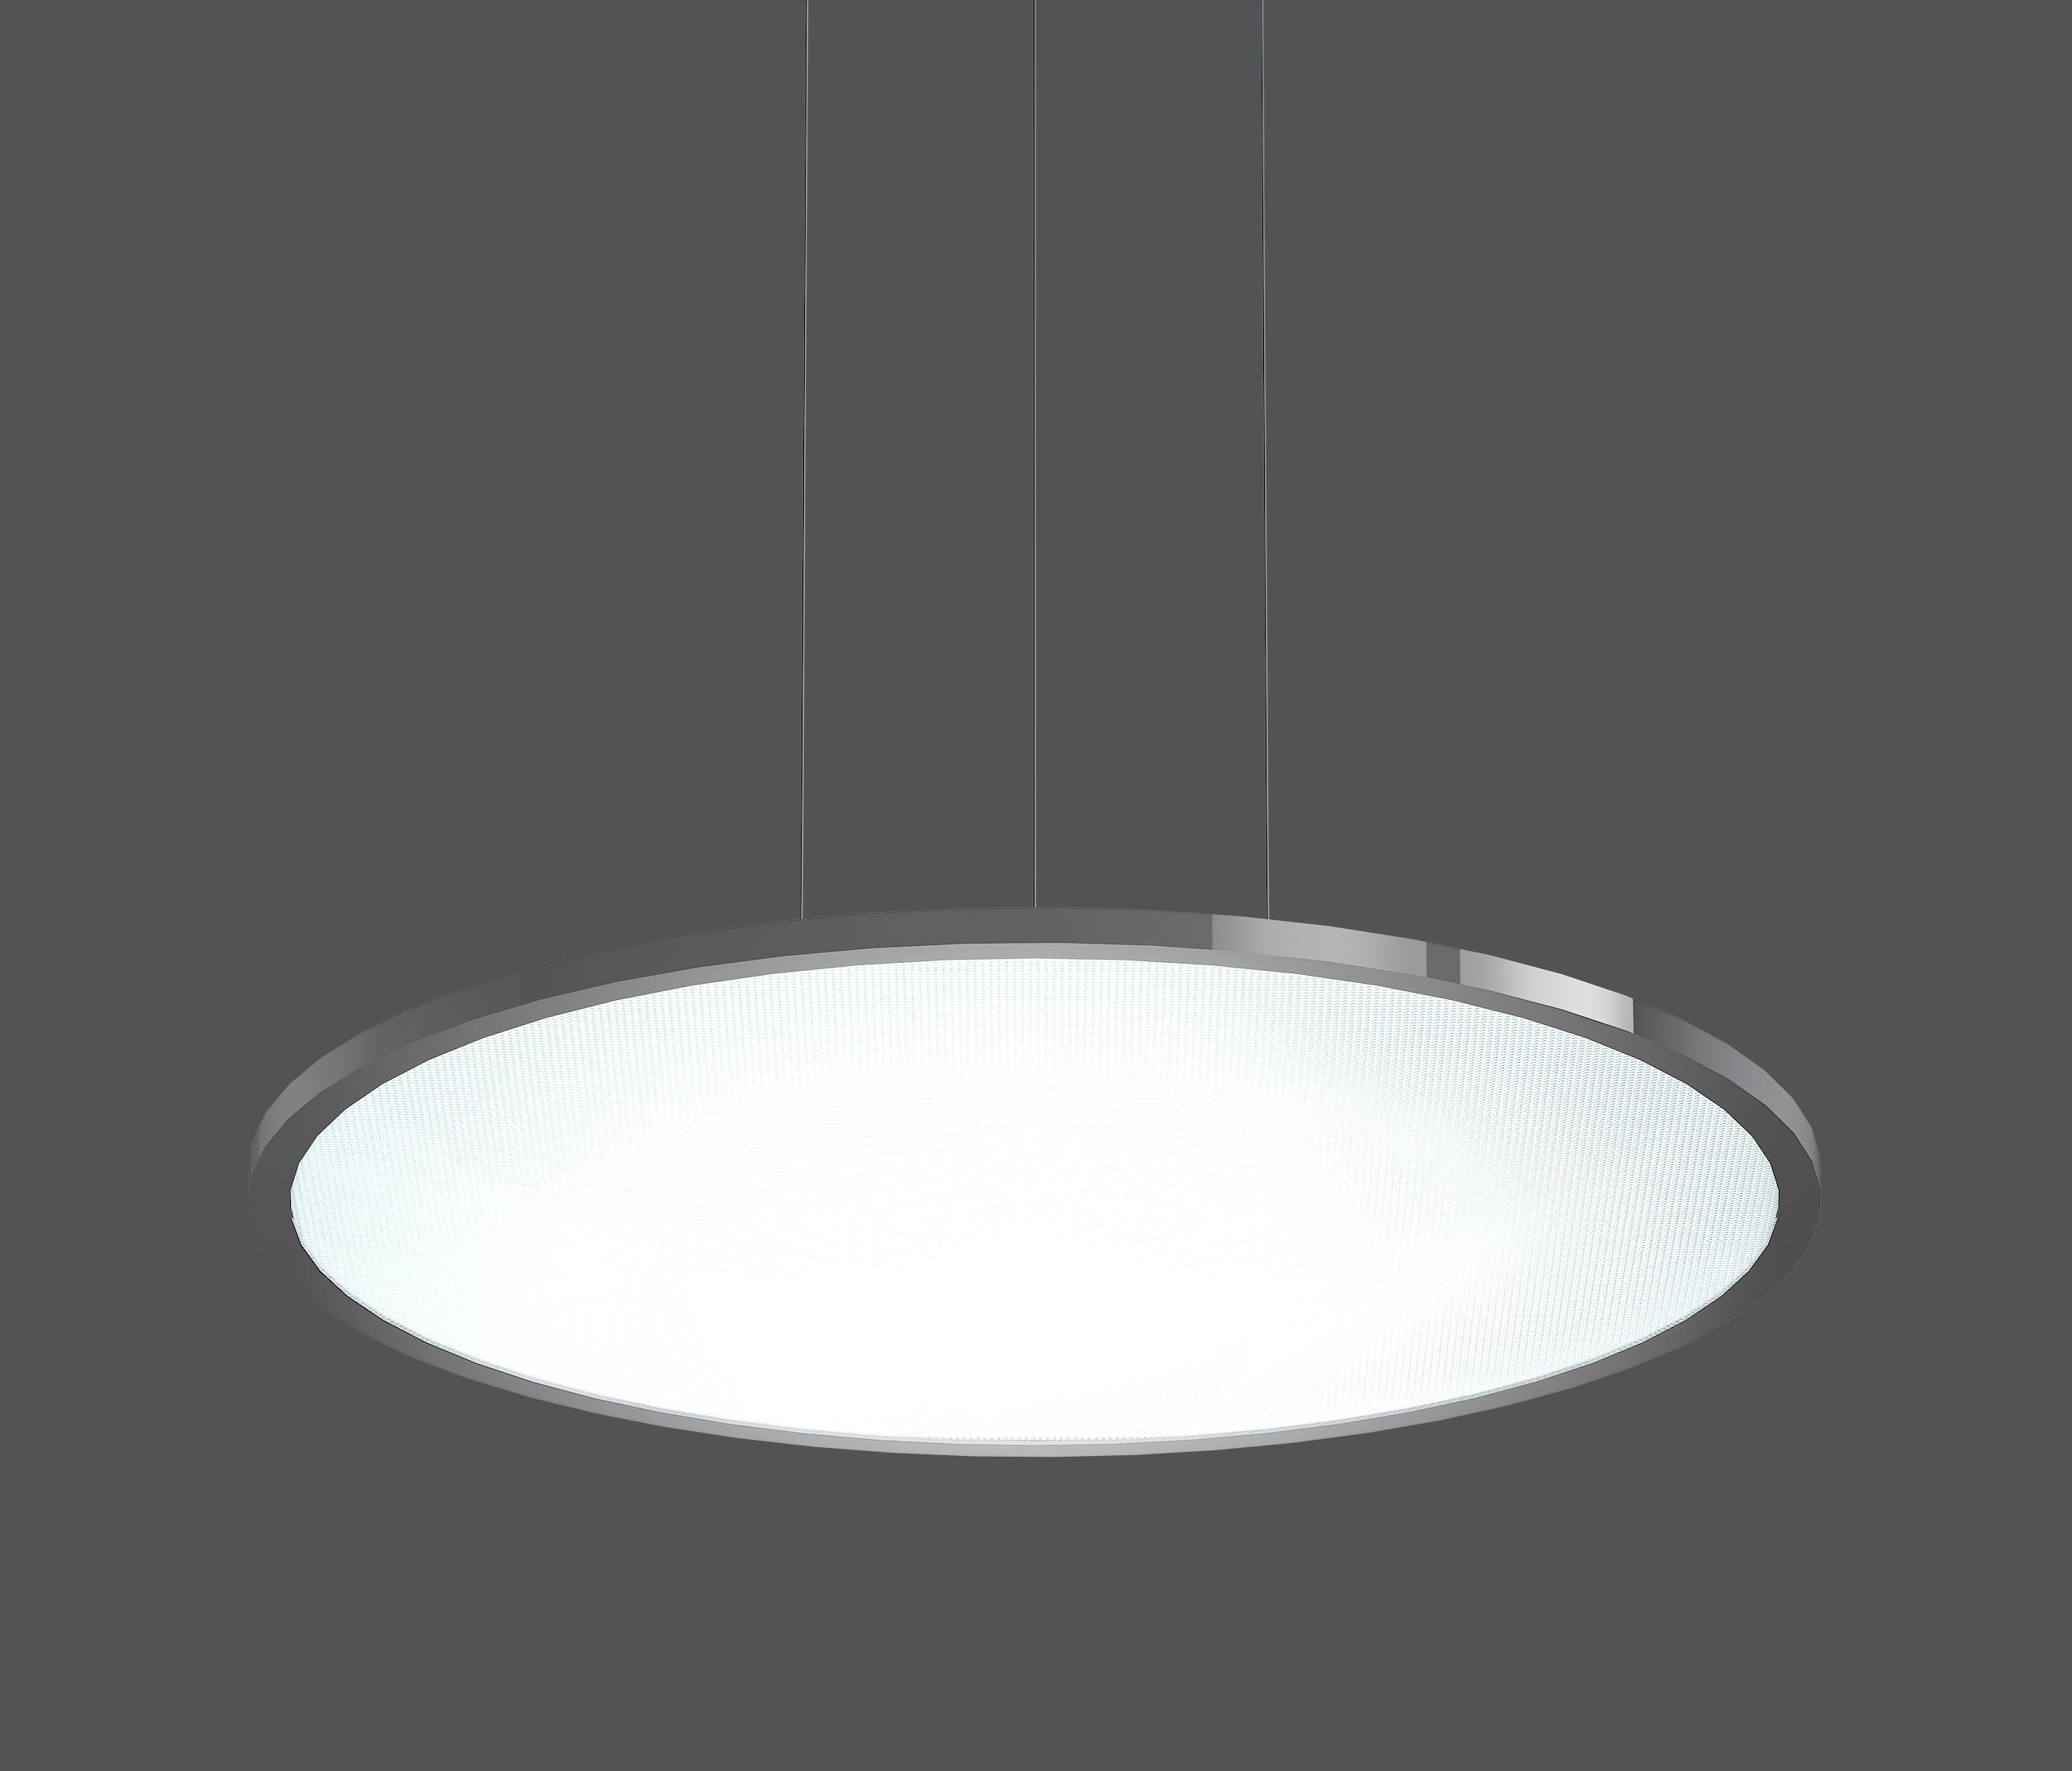 Rzb Sidelite Round : sidelite round pendant luminaires suspensions de rzb leuchten architonic ~ Frokenaadalensverden.com Haus und Dekorationen